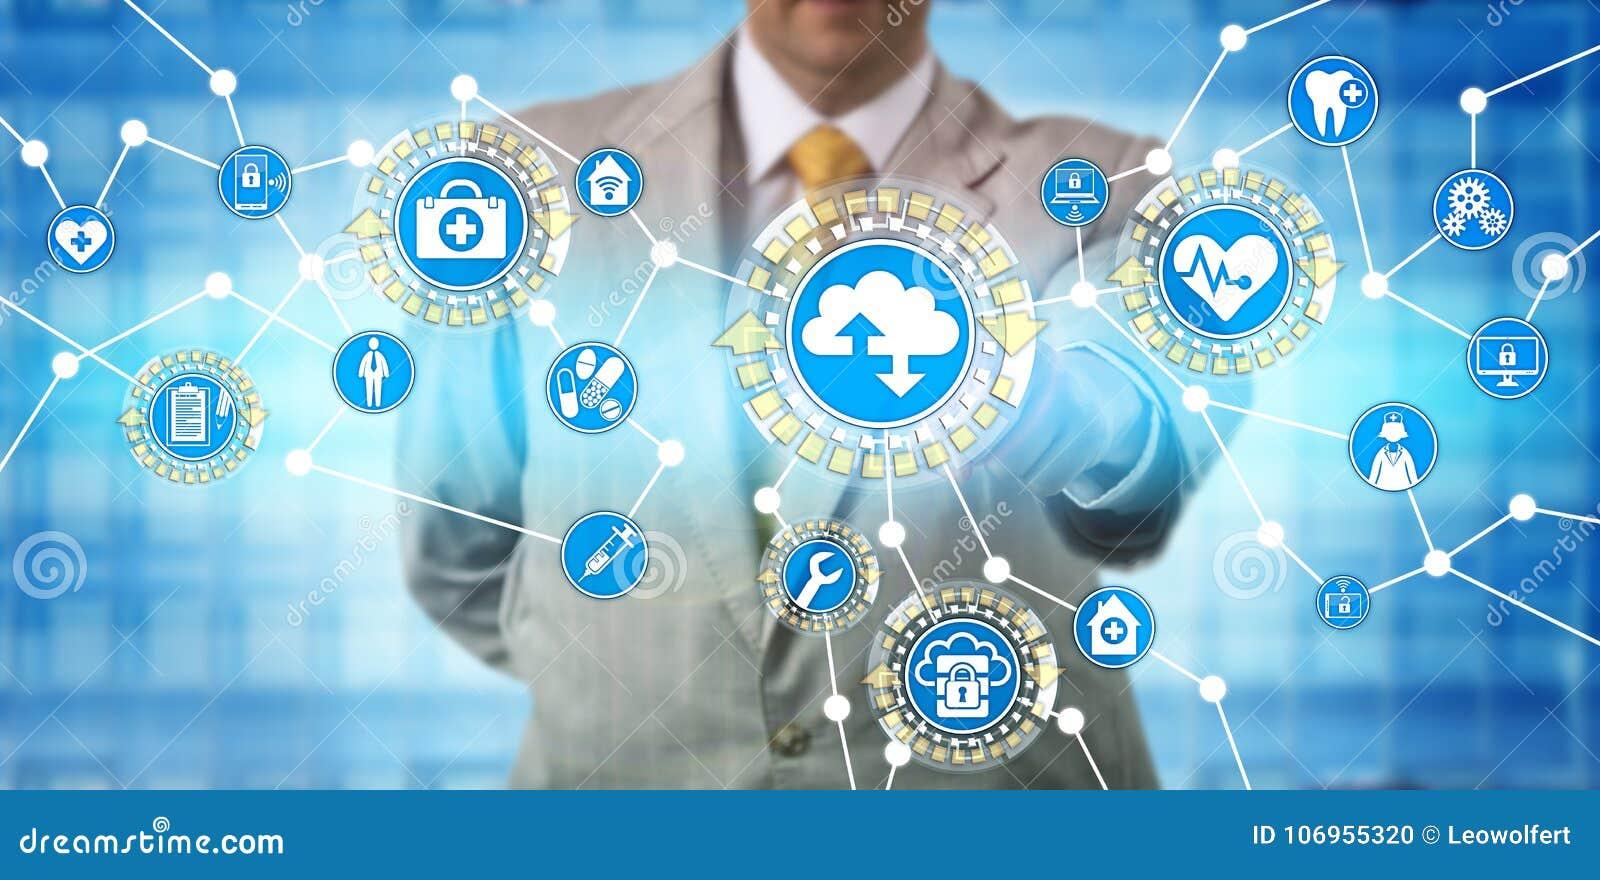 Administrador Exchanging Data Via SaaS dos cuidados médicos